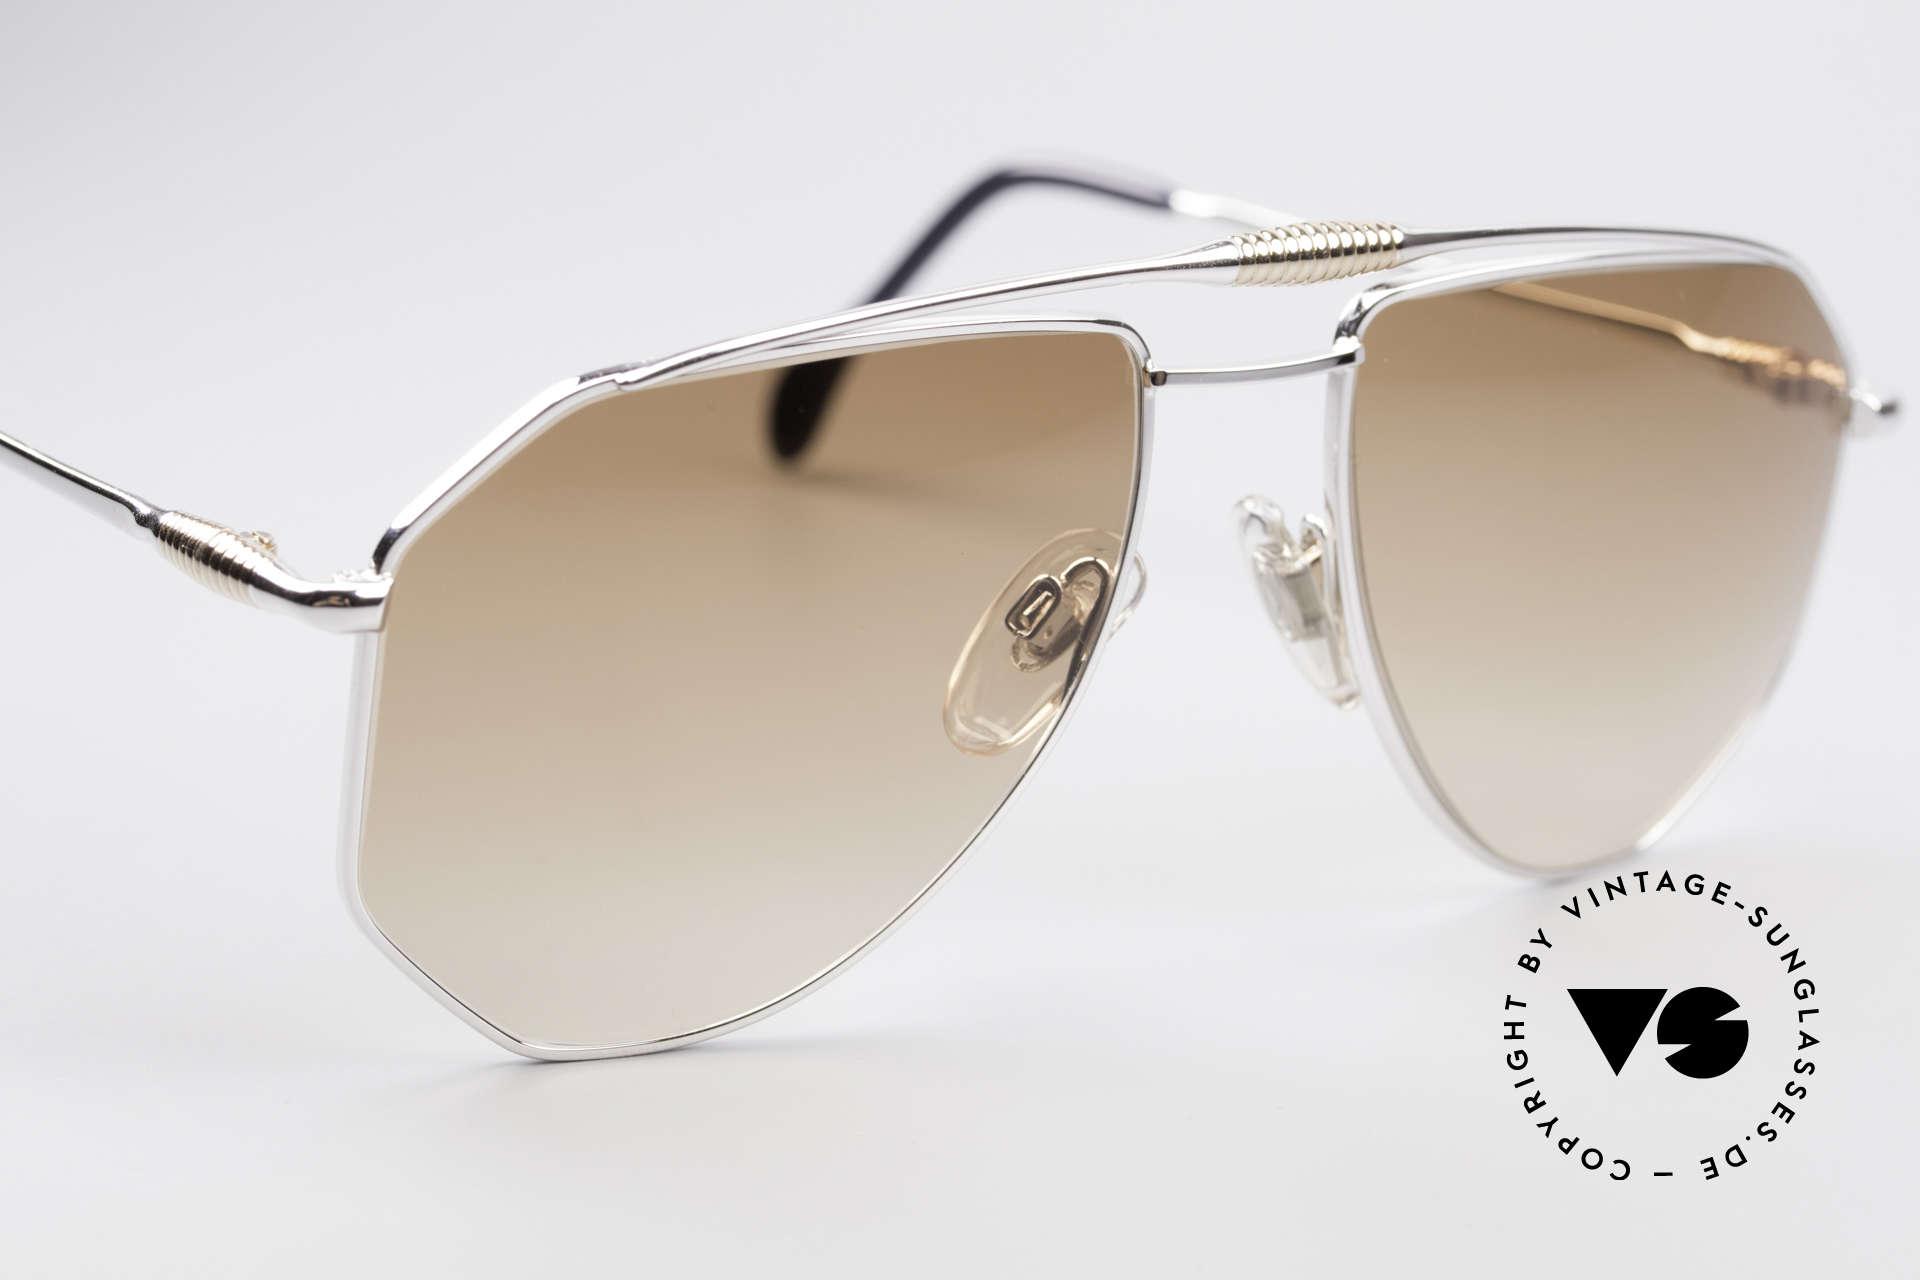 Zollitsch Cadre 120 Large 80er Sonnenbrille, KEINE Retrobrille; ein 30 Jahre altes Unikat, Gr. 58°18, Passend für Herren